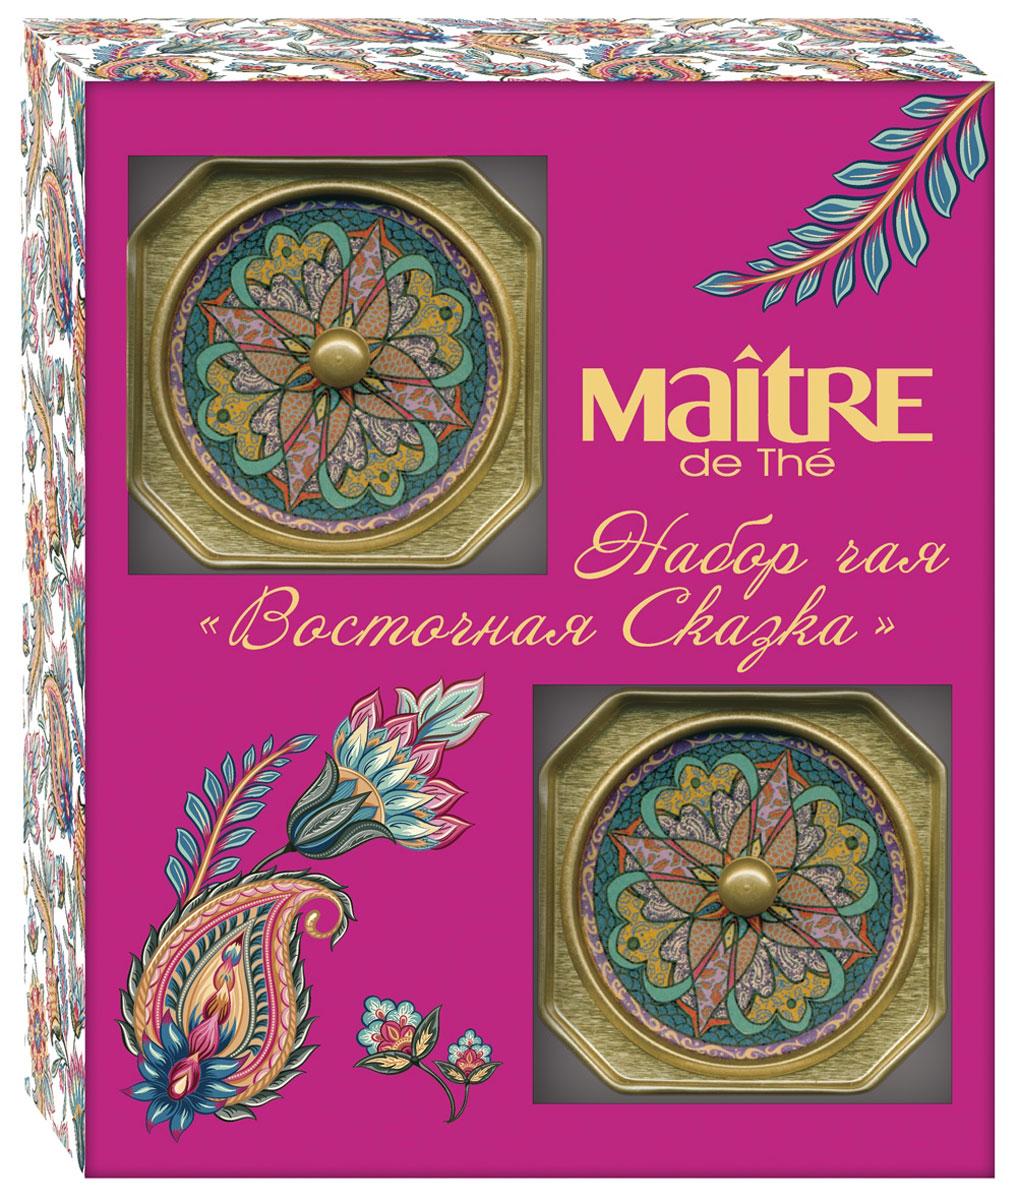 Maitre Восточная сказка набор черного листового чая, 60 г купить тандури масала в москве